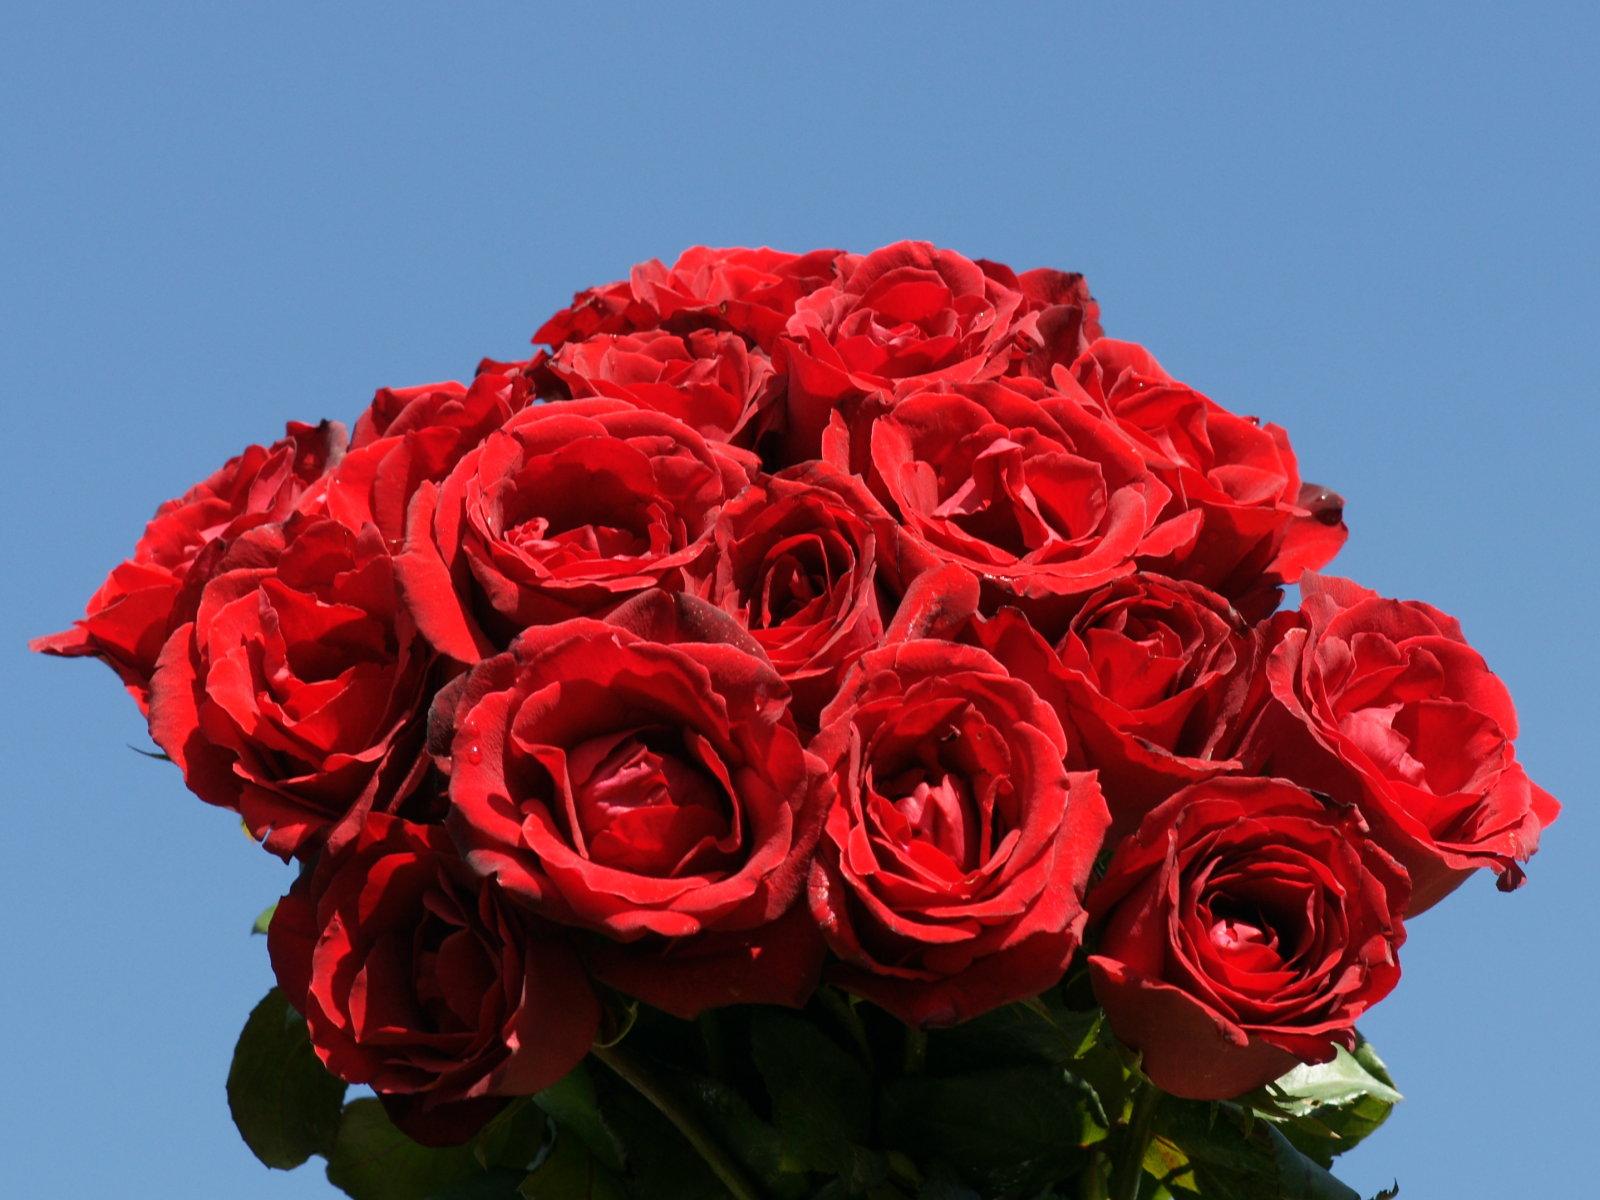 Ramo de rosas con un osito de peluche. Ideas para regalar.